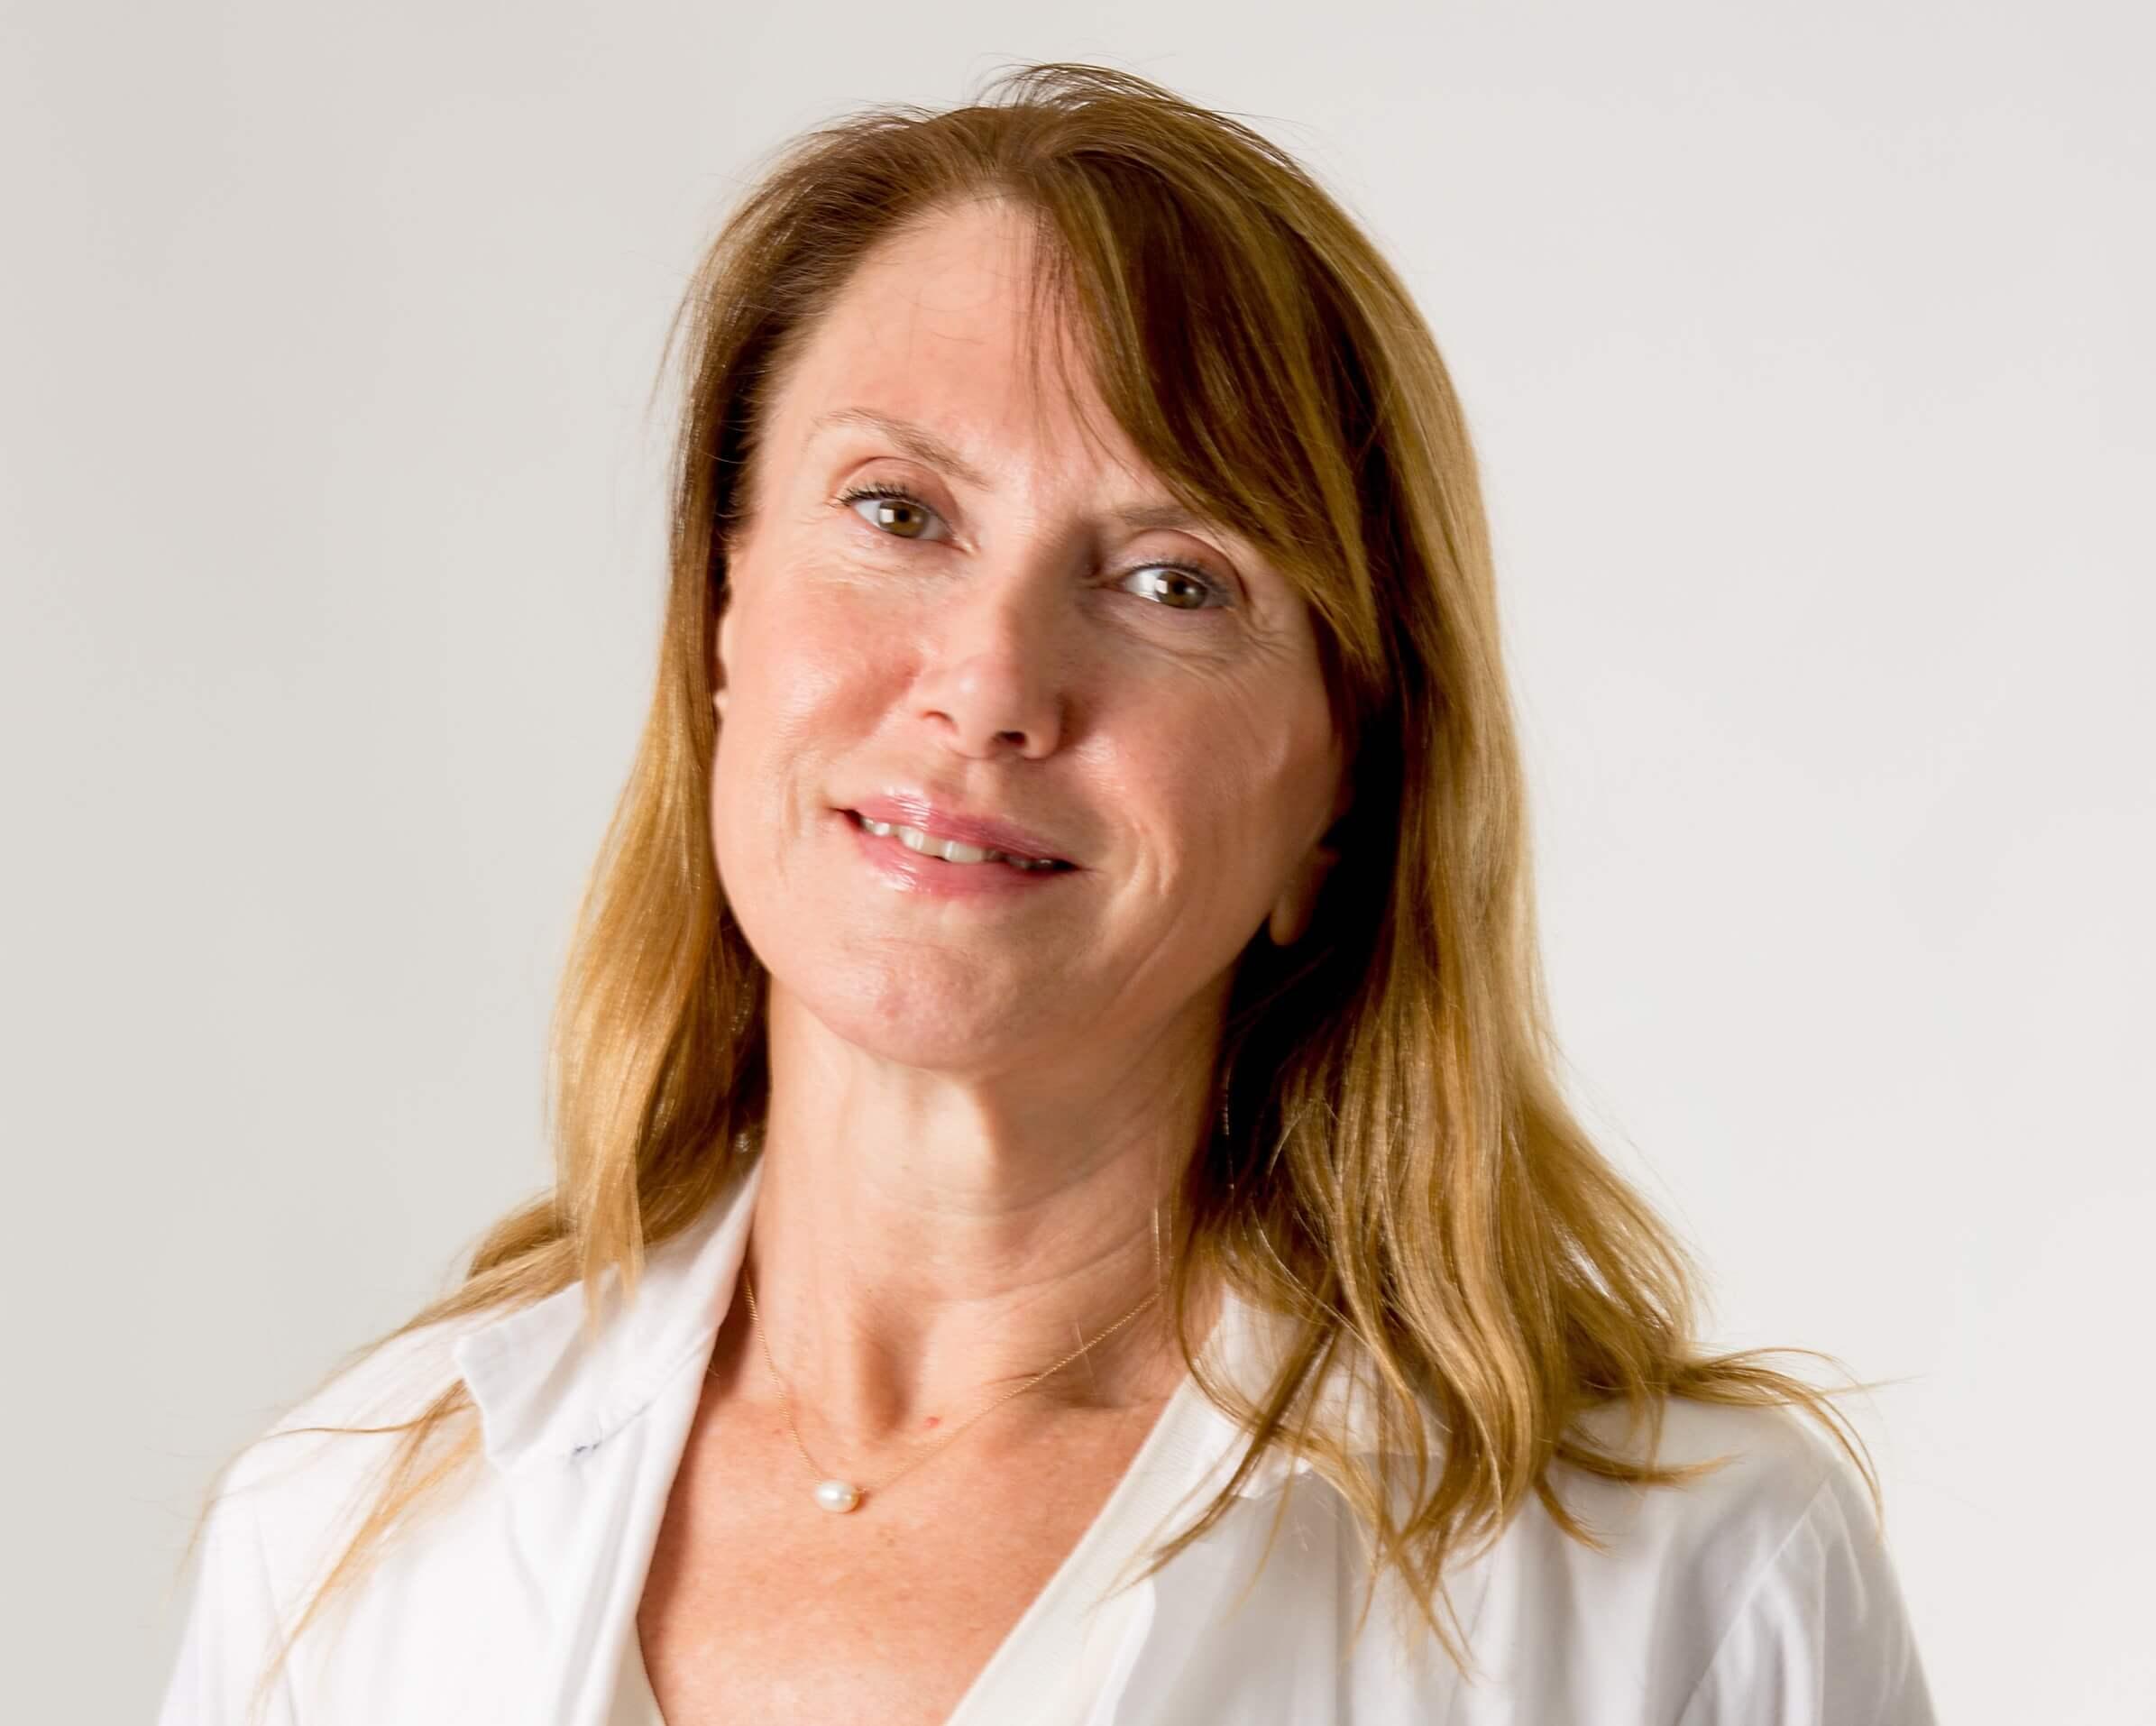 פרופ' רלי הרשקוביץ מונתה למנהלת מחלקת נשים ויולדות א' צילום: סורוקה